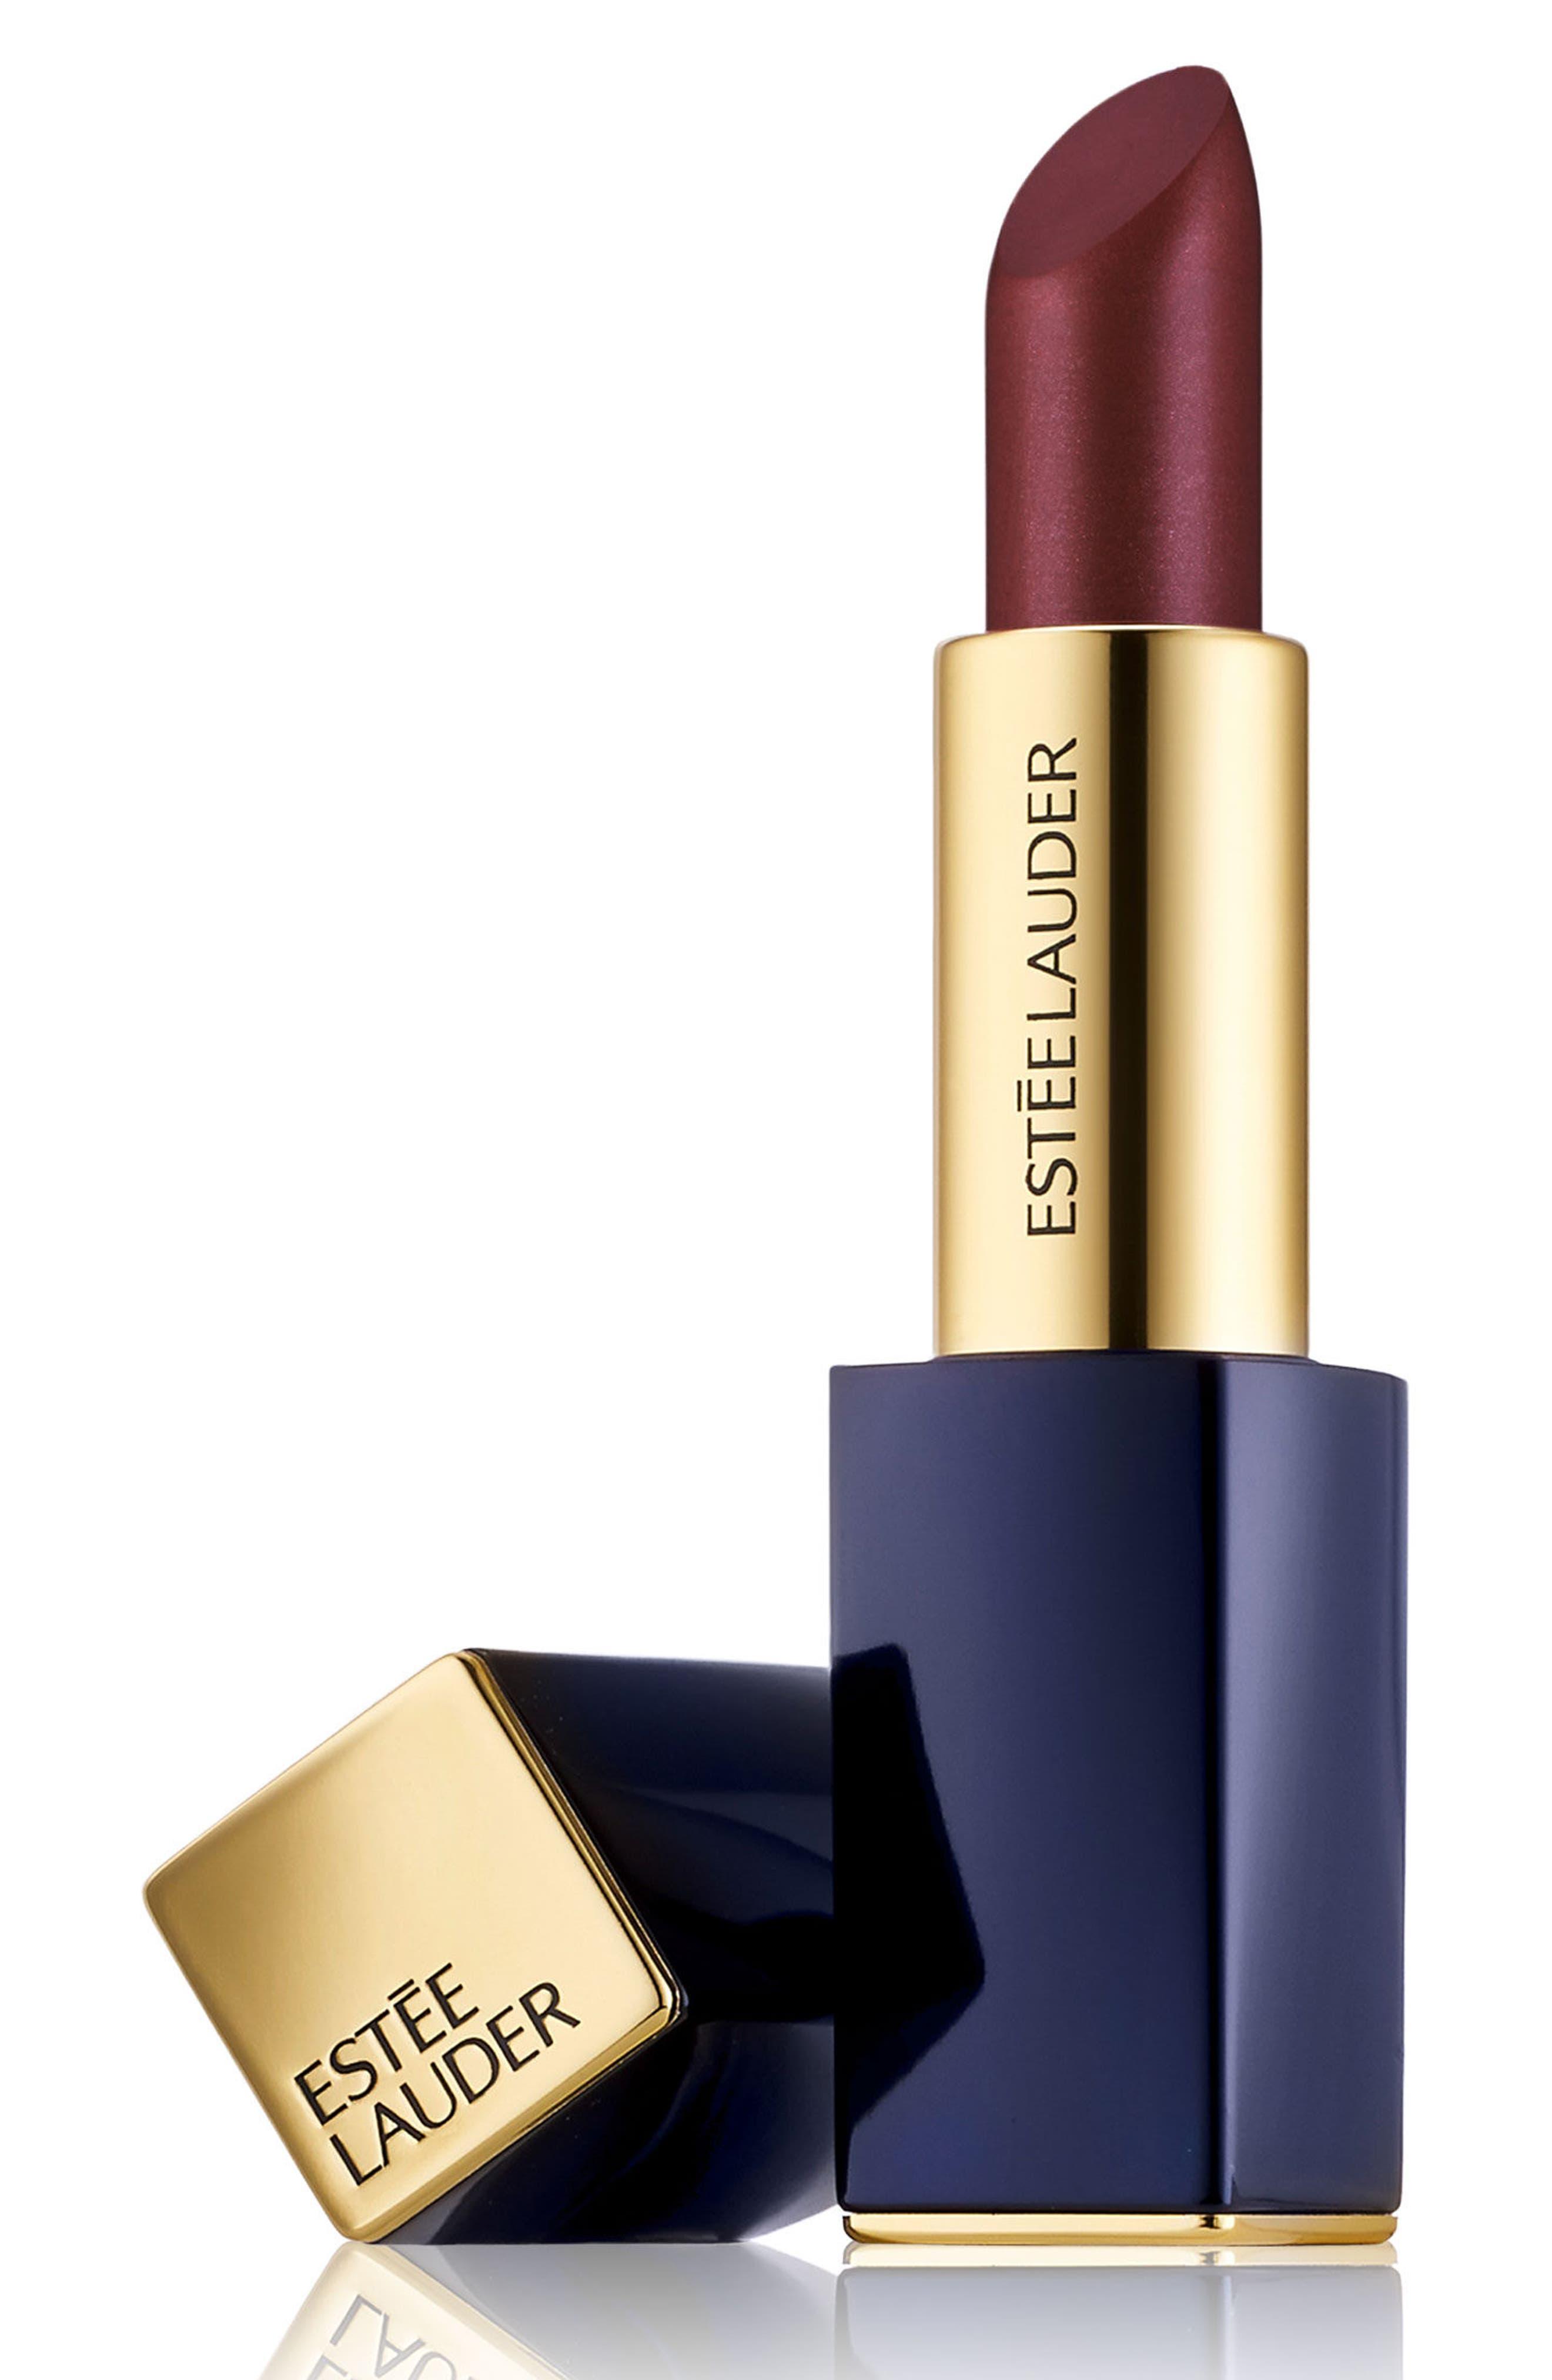 Pure Color Envy Metallic Matte Sculpting Lipstick,                             Main thumbnail 1, color,                             440 SMASH UP